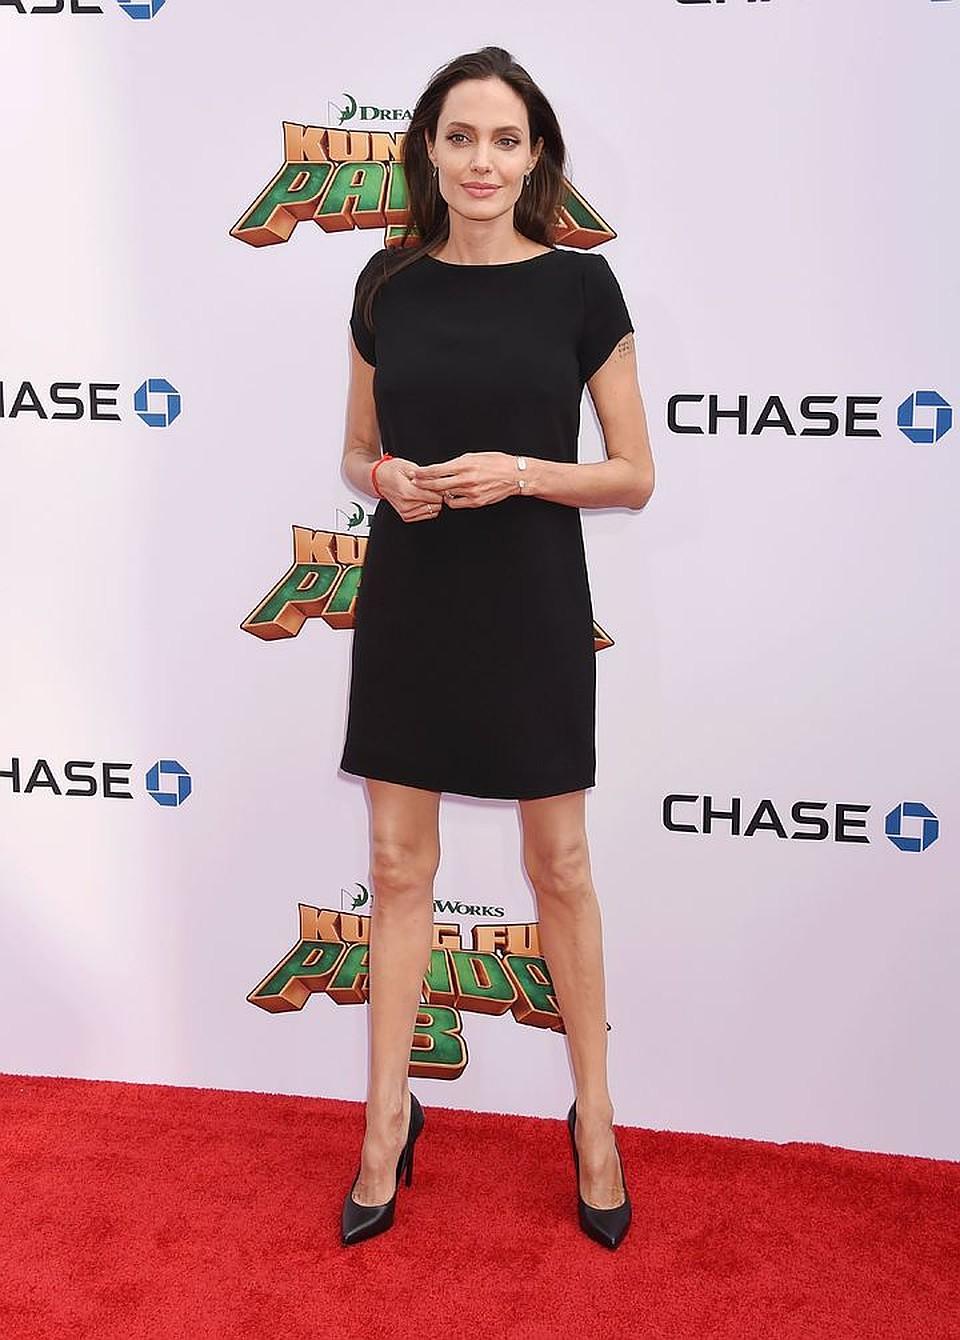 Джоли После Похудения. Как похудела Анджелина Джоли